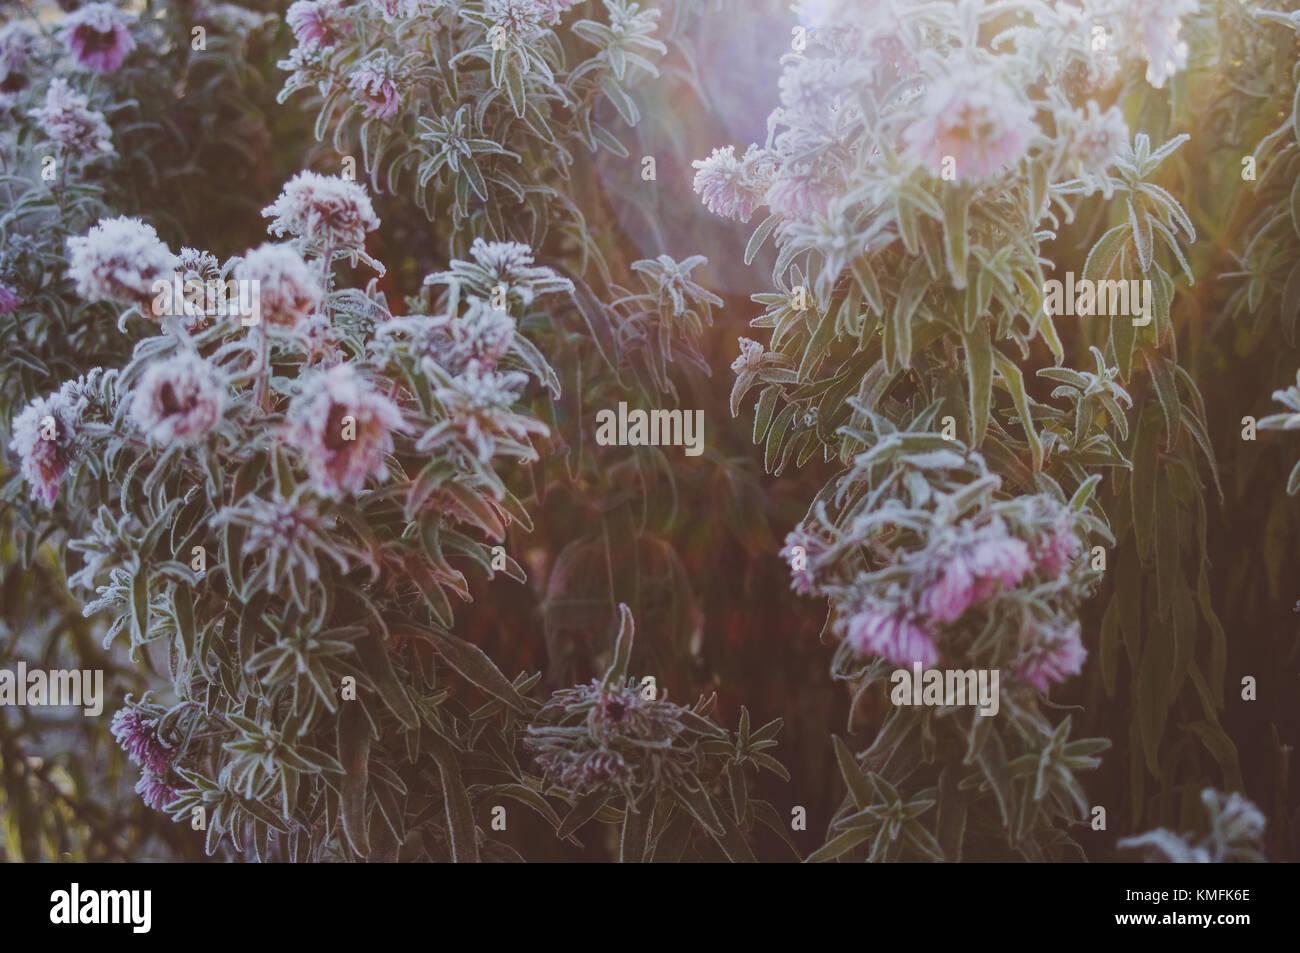 Mattina raggi del sole in aster bouquet. Immagini Stock